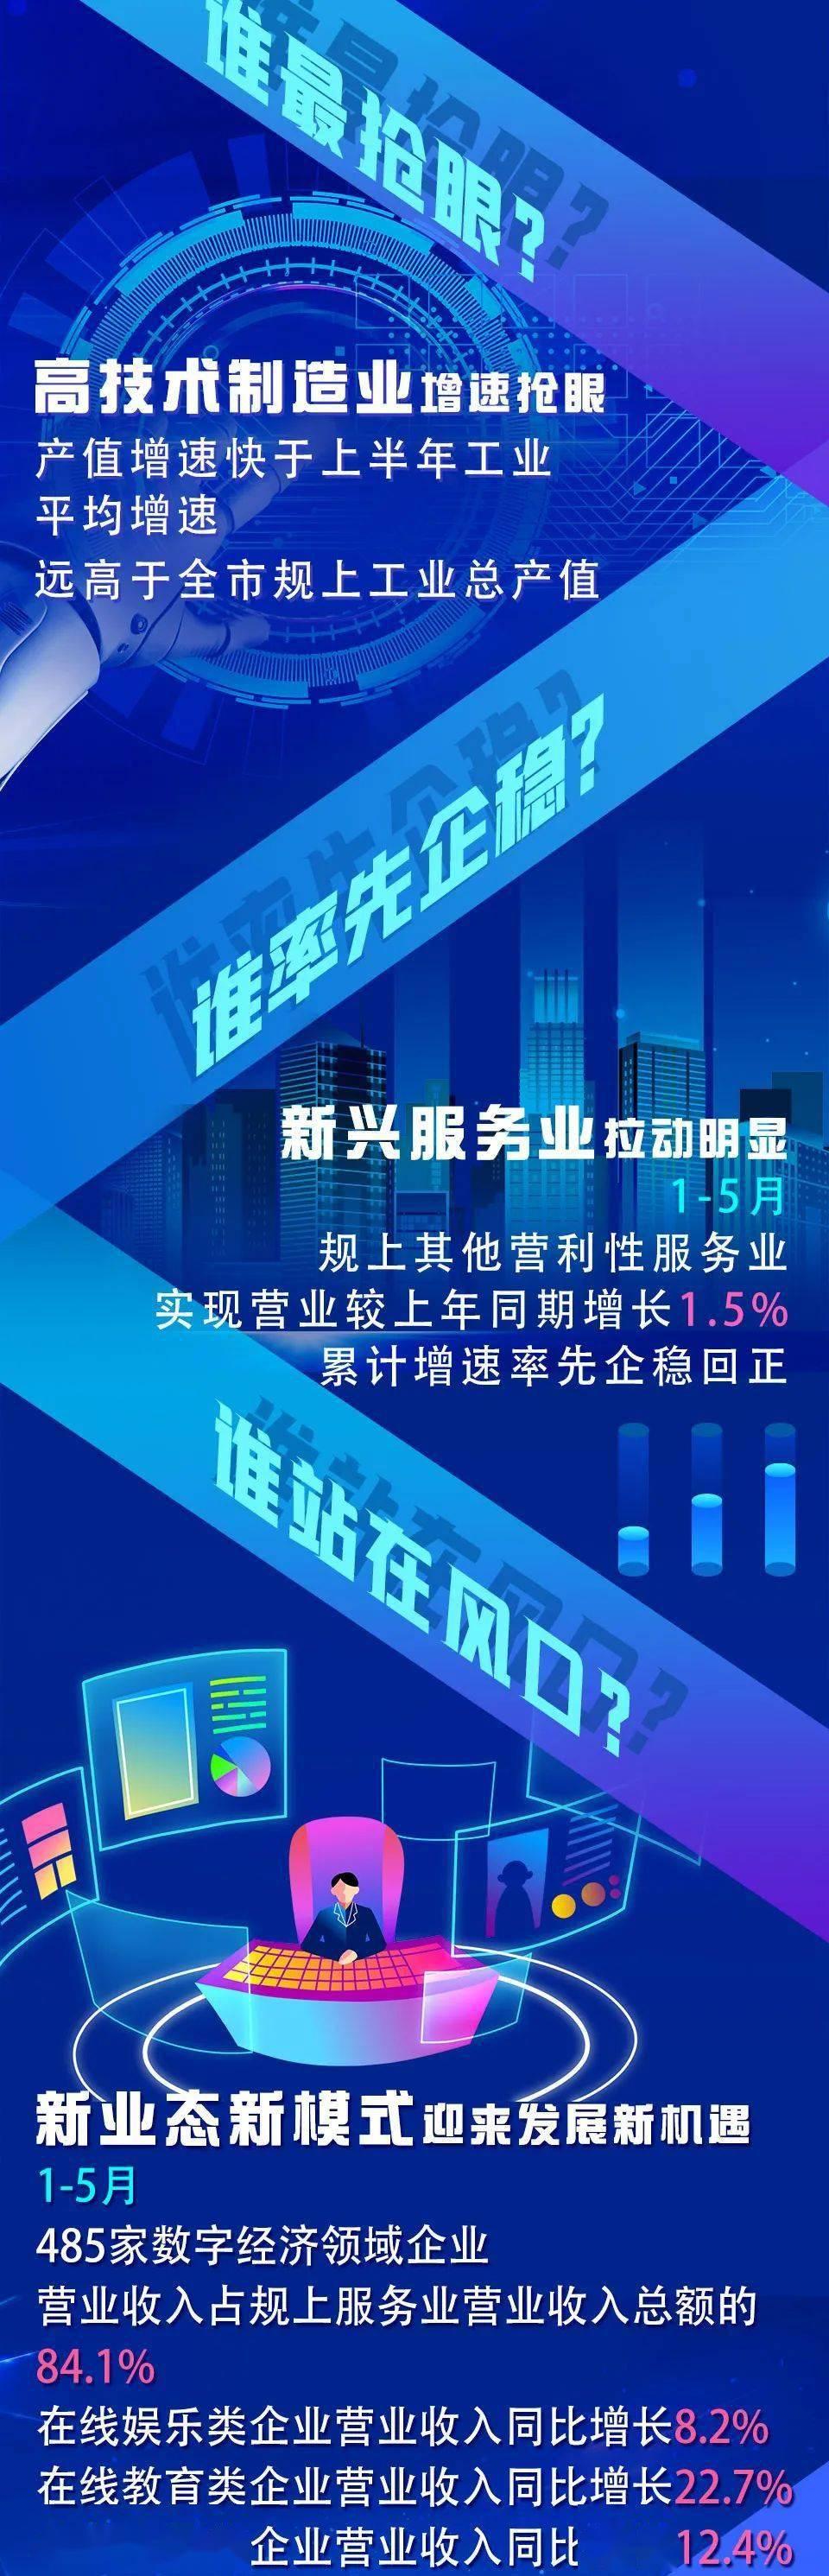 东湖高新区GDP_武汉东湖高新区GDP冲刺4000亿,对标重庆两江新区